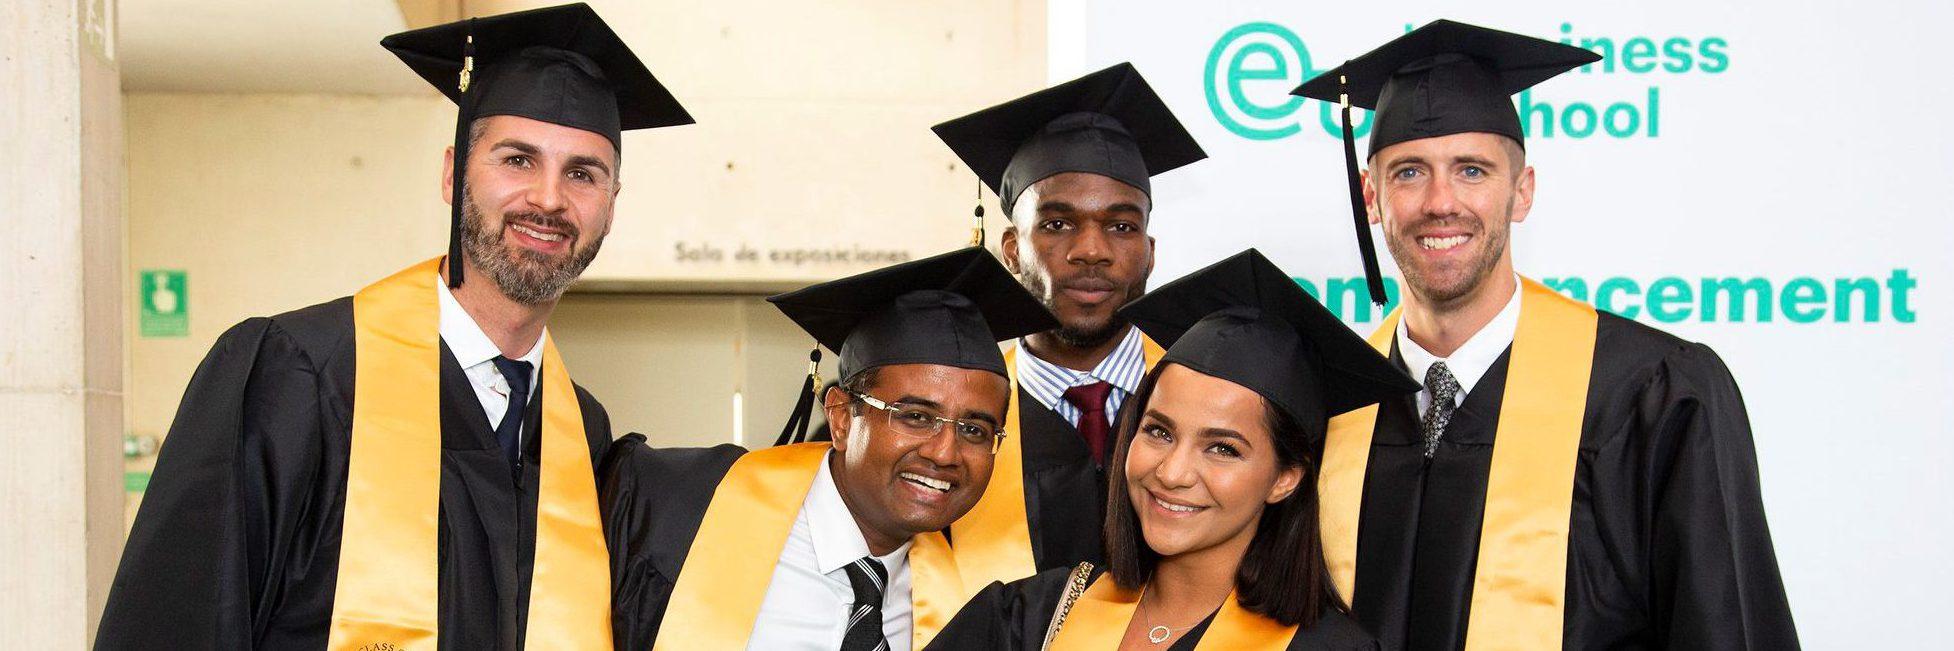 EU Business School commencement ceremony